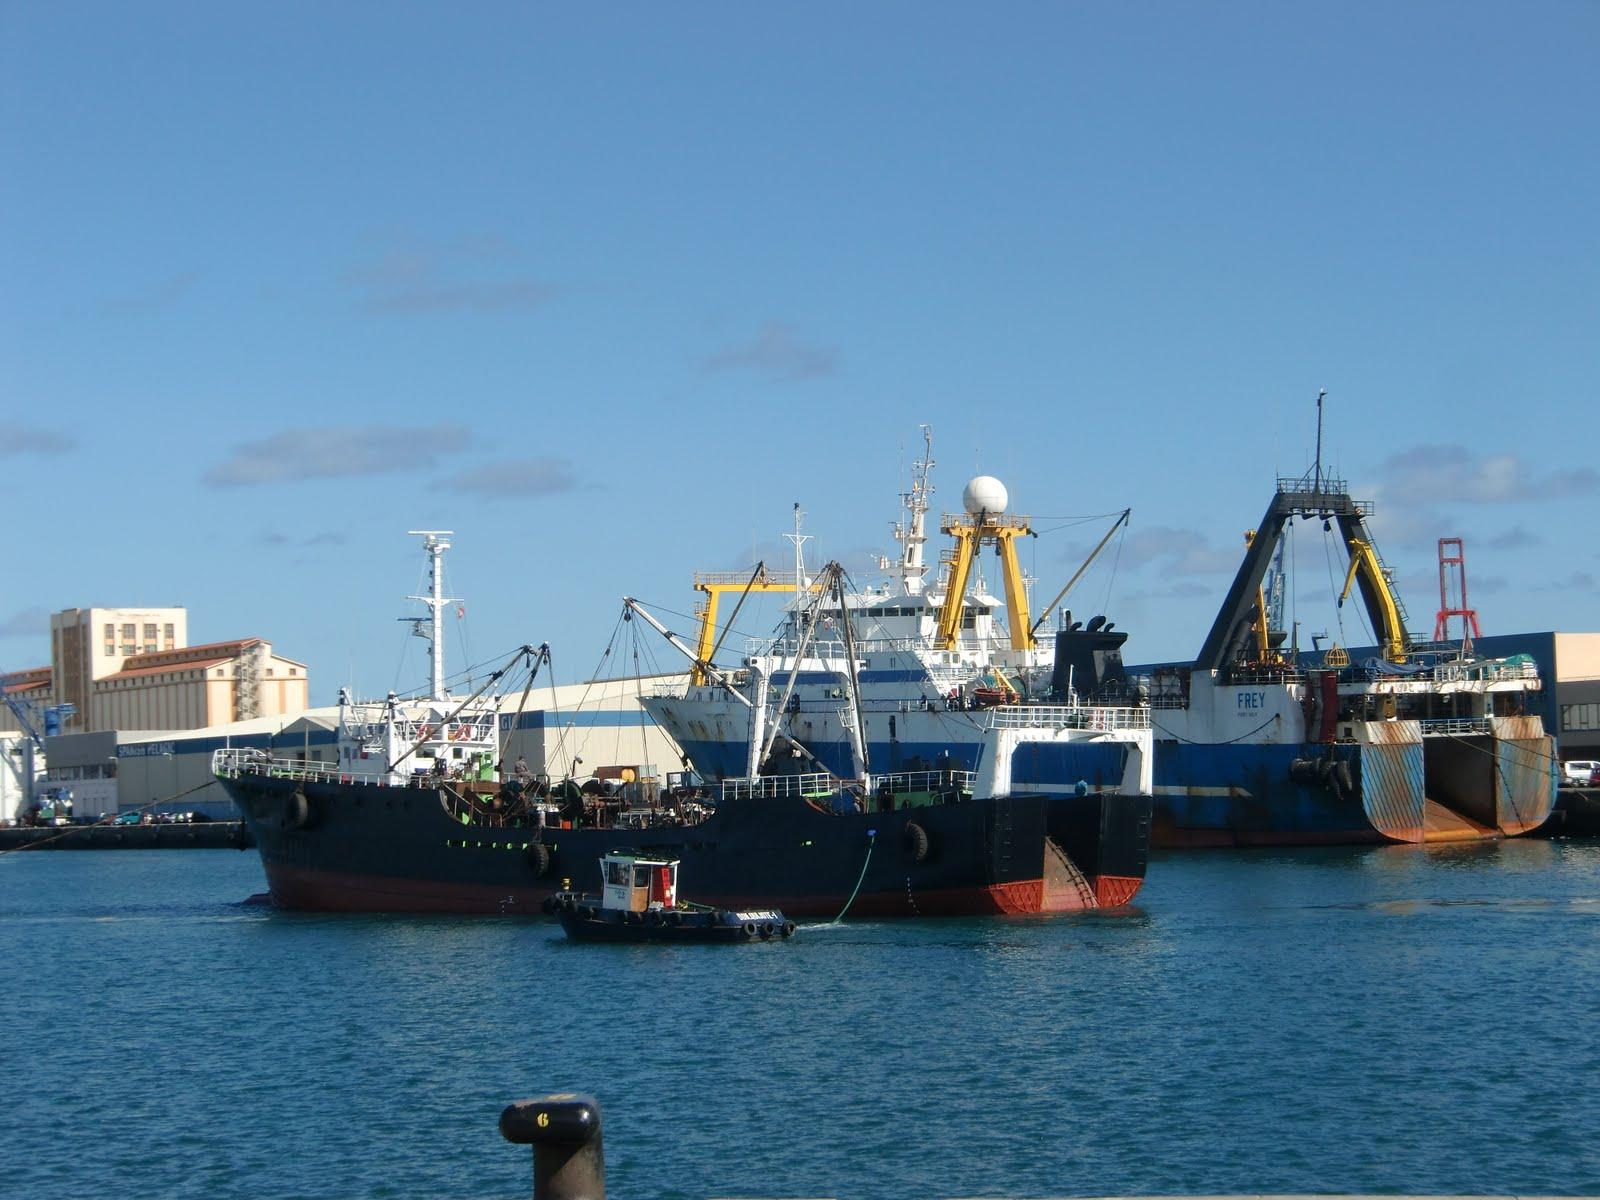 Islas canarias foto buque pesquero puerto de las palmas - Fotografia las palmas ...